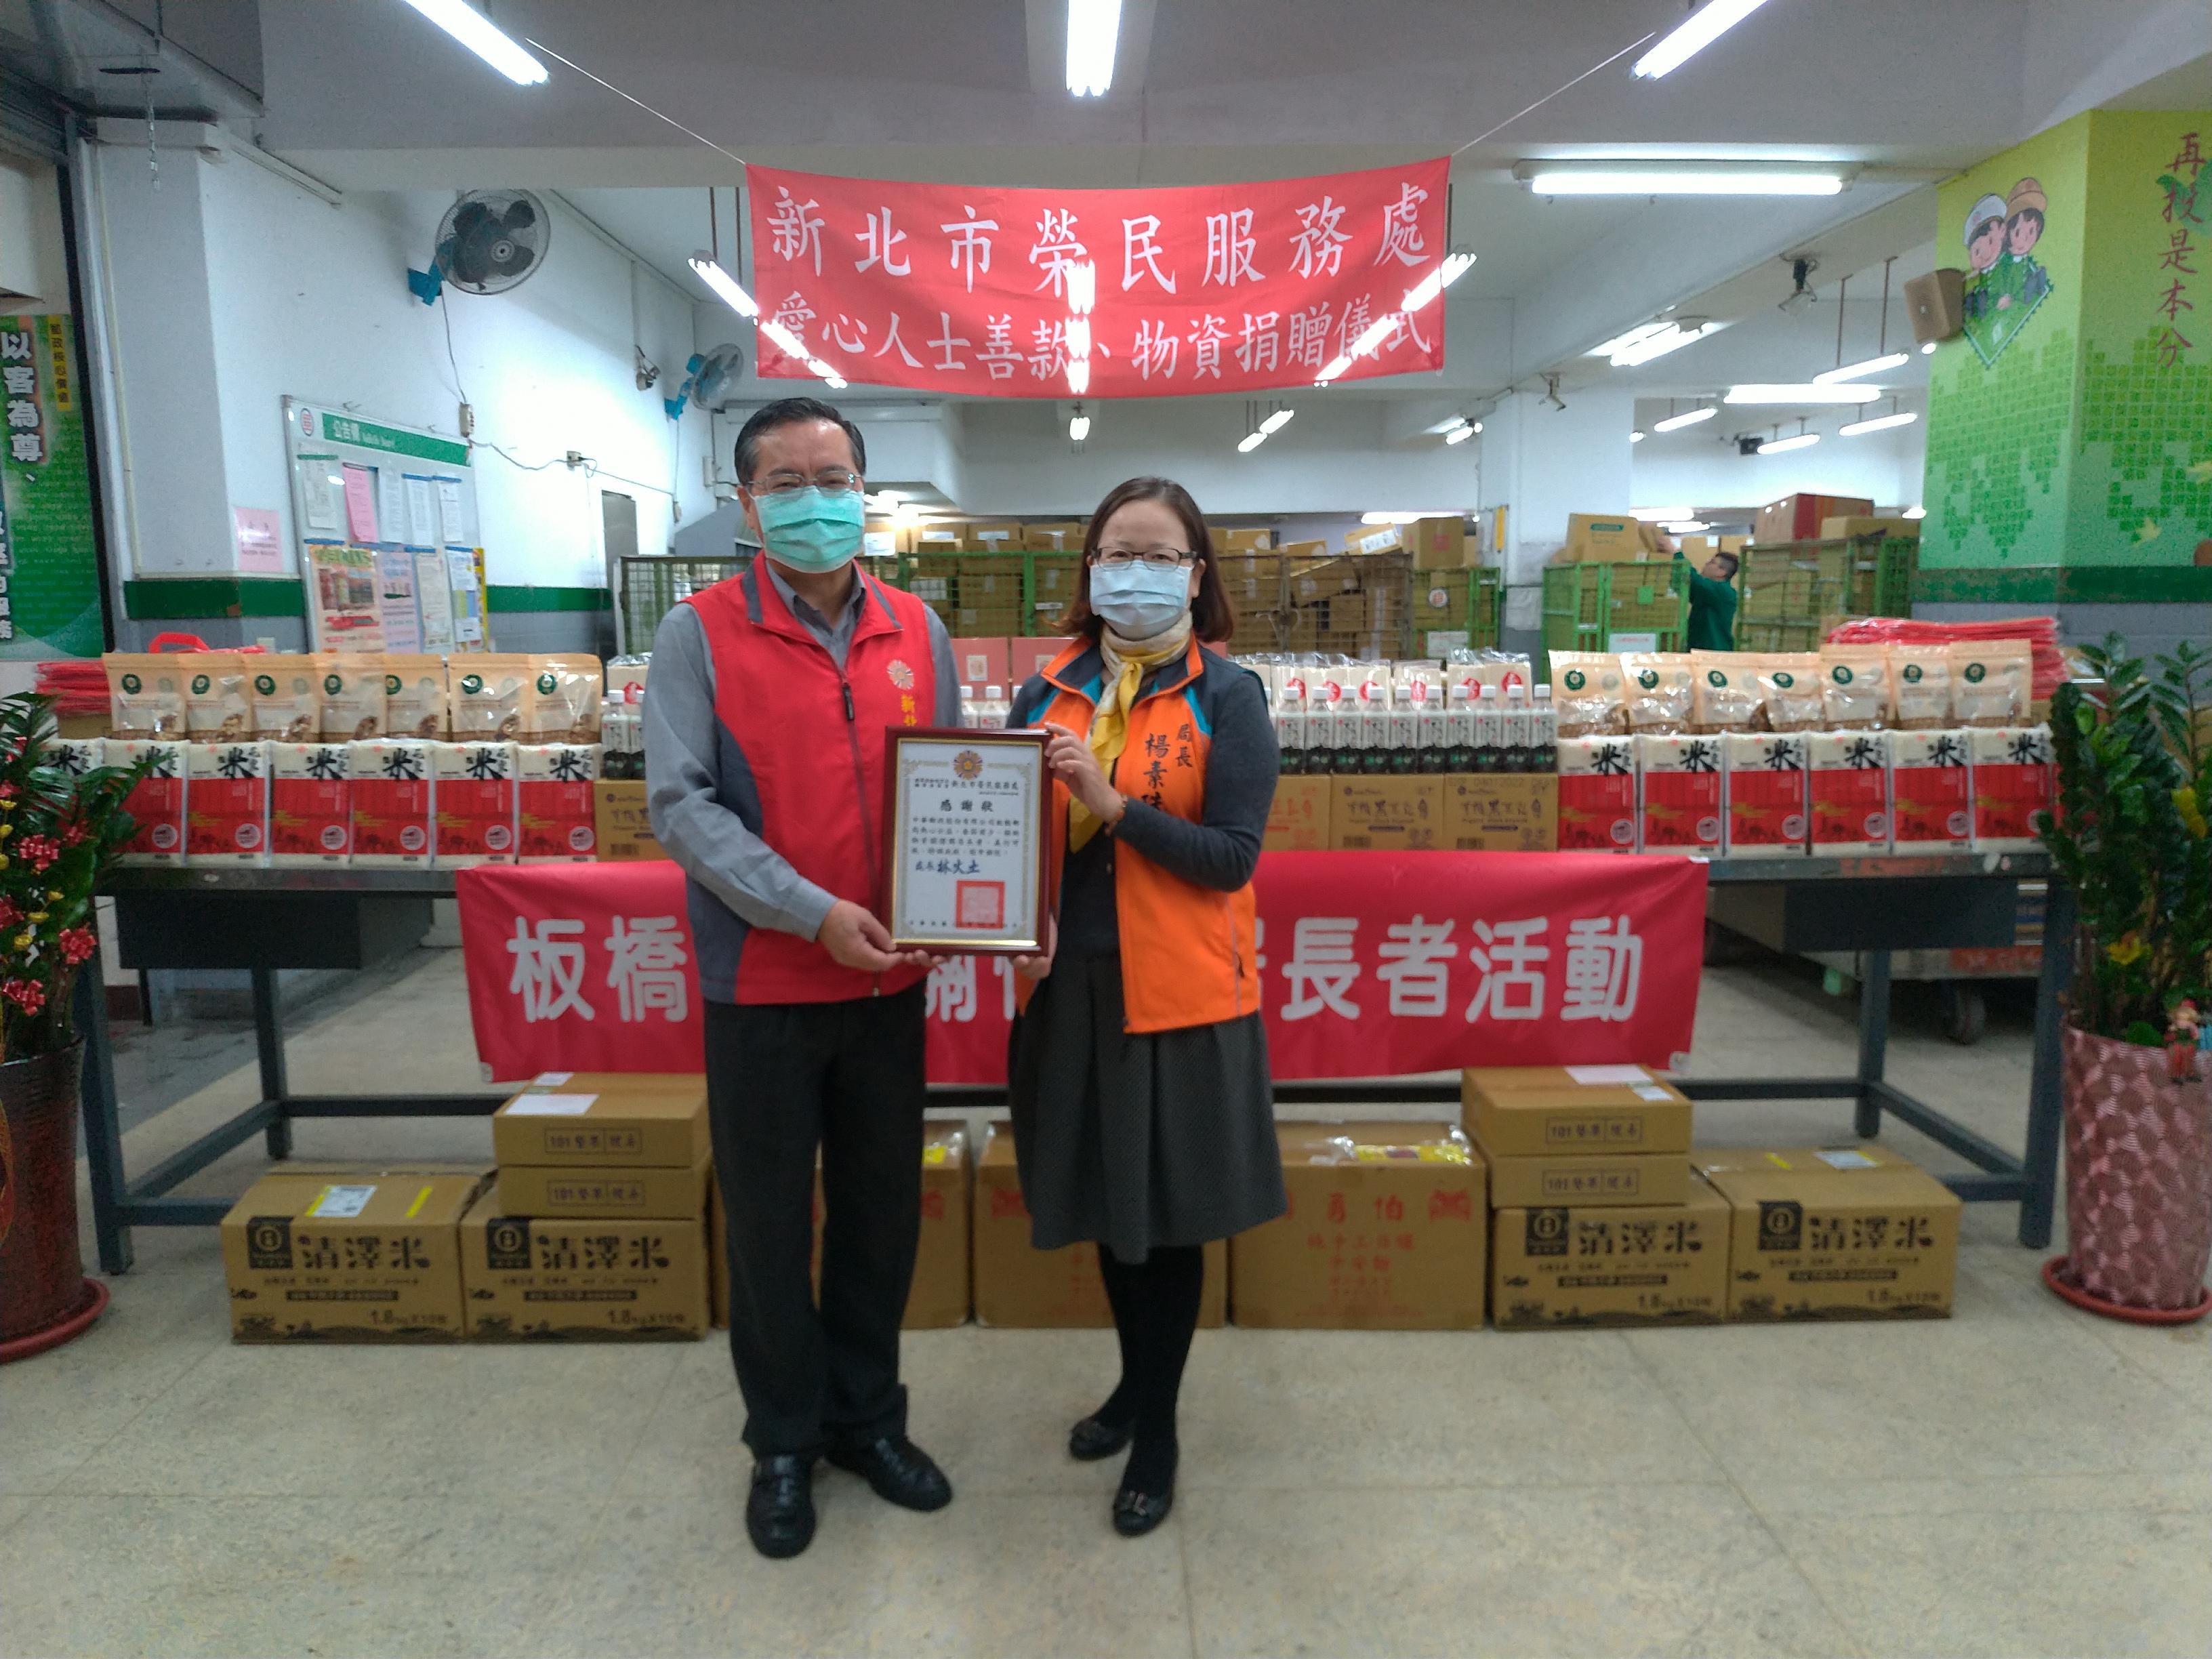 農曆春節將至 板橋郵局關懷獨居長輩(太平洋新聞報110.2.4)